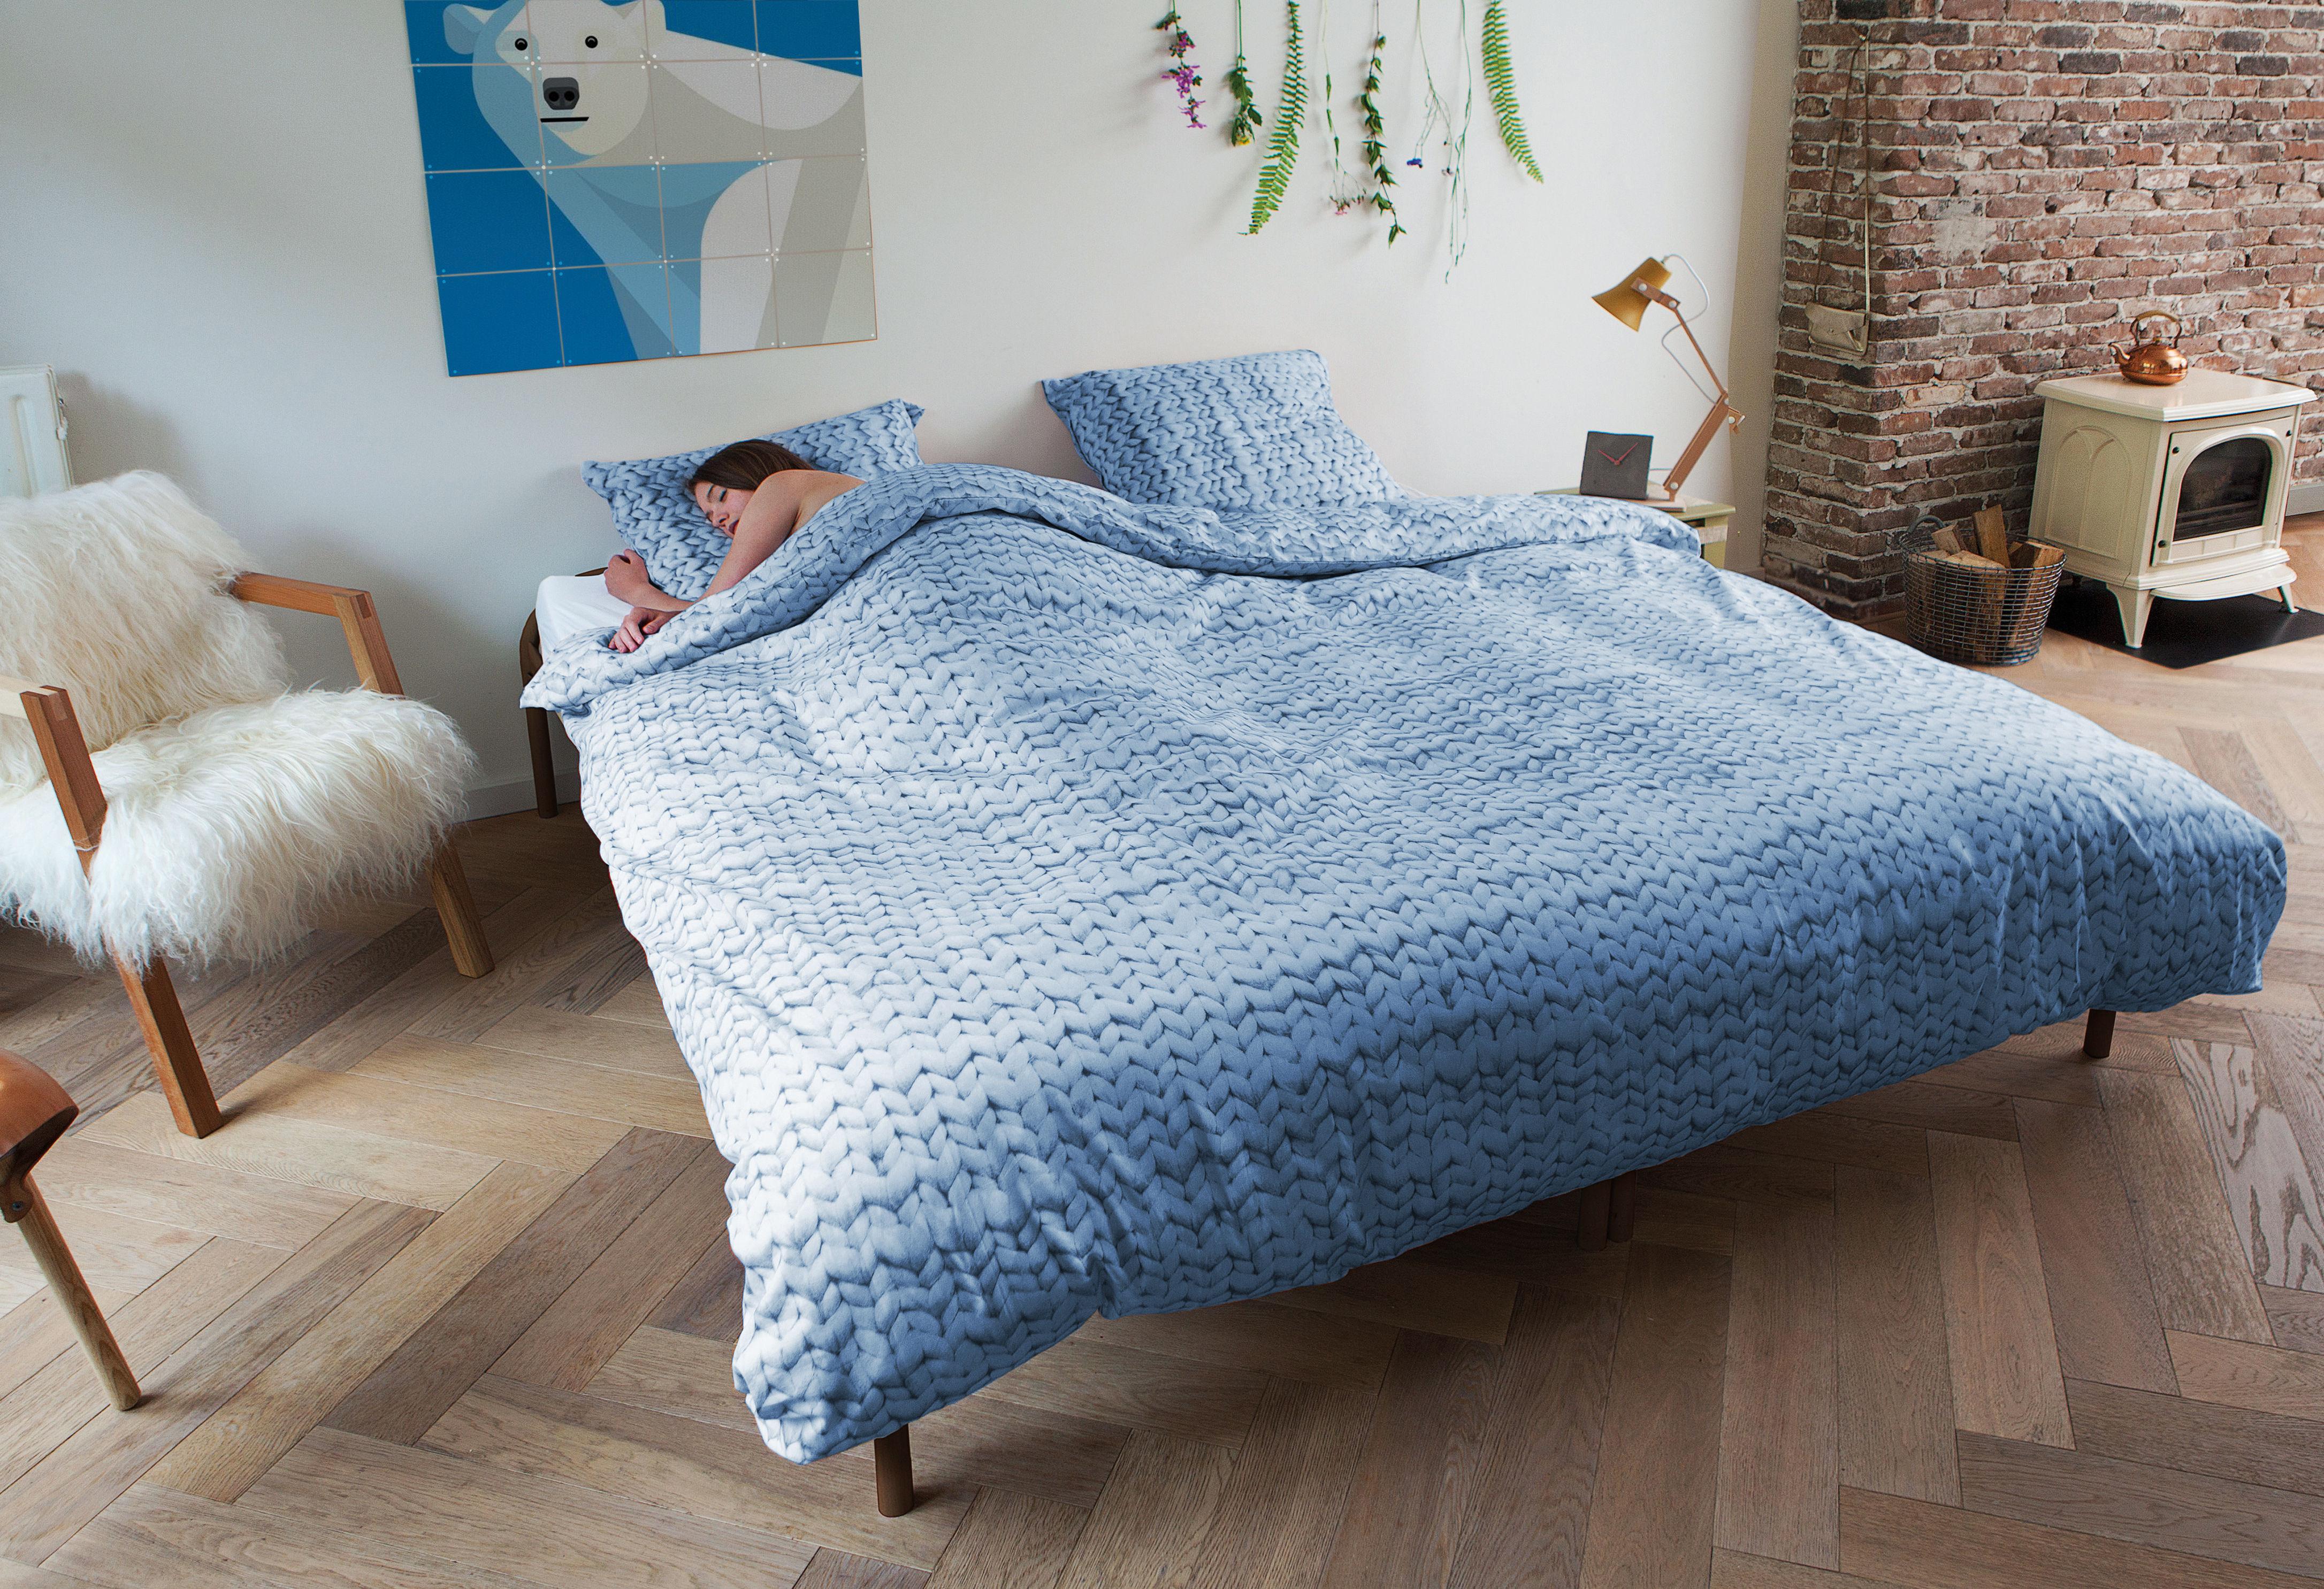 Parure de lit 2 personnes tricot 240 x 220 cm tricot - Parure de lit om 2 personnes ...